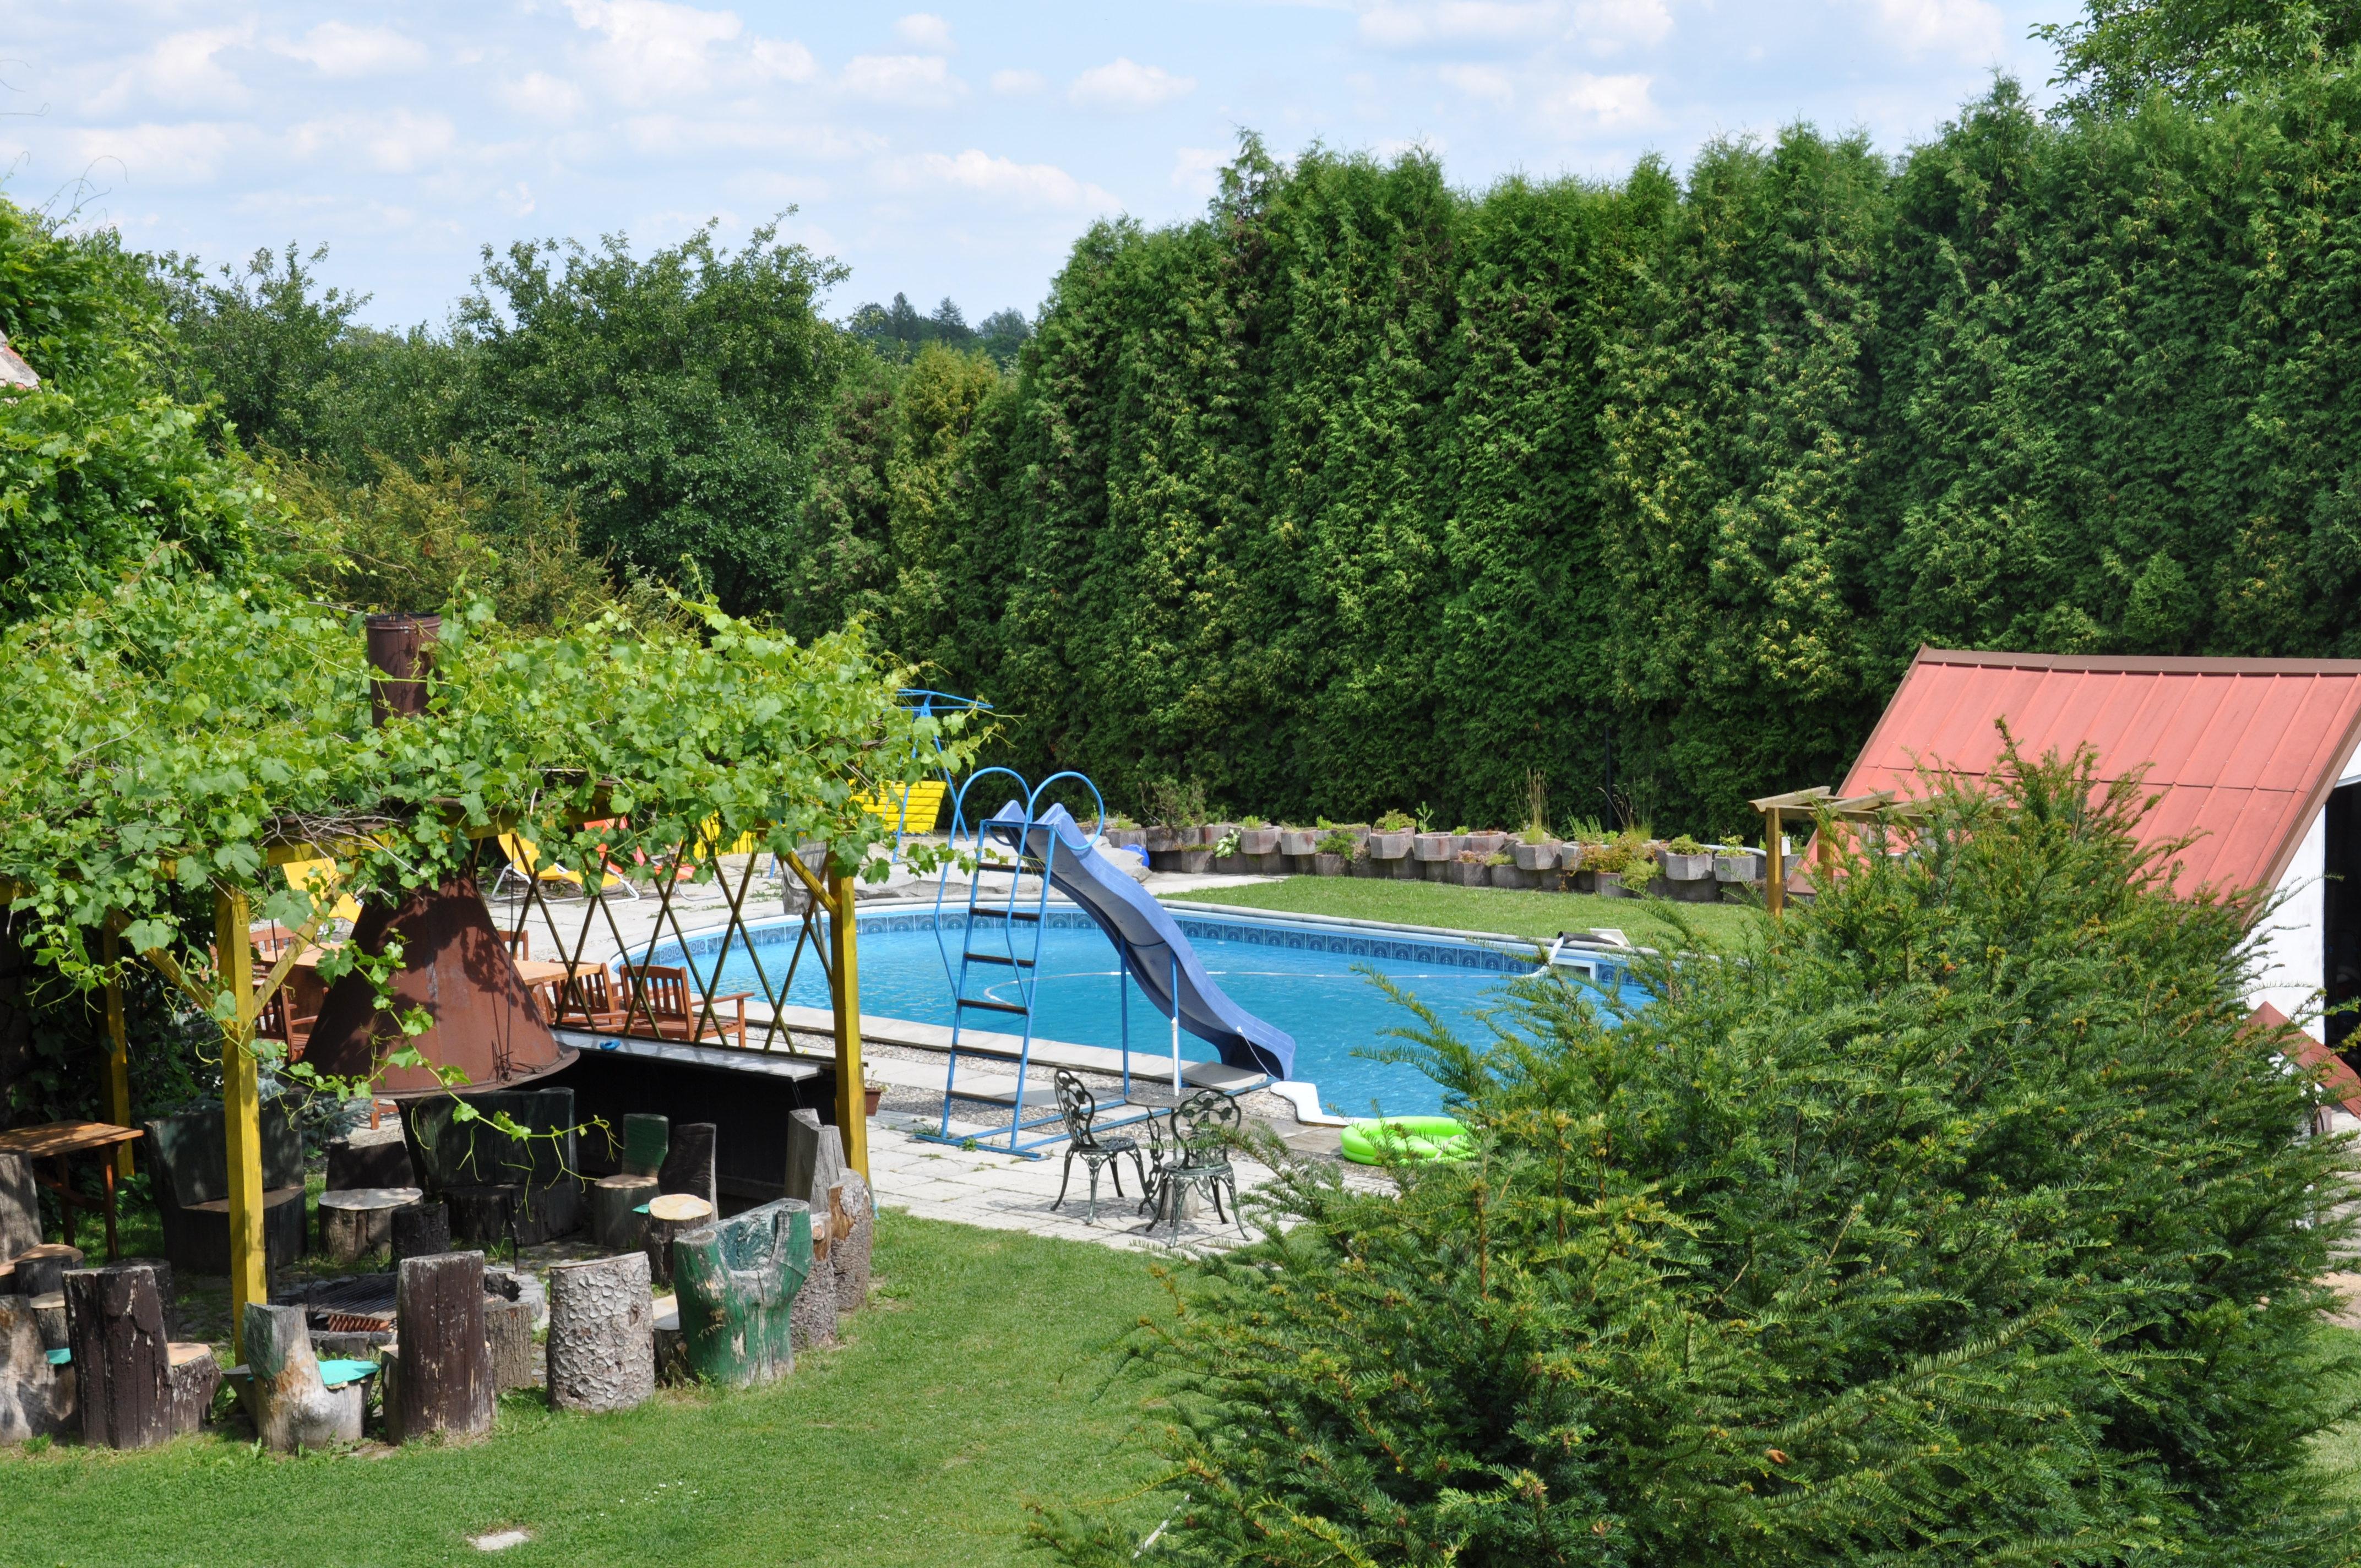 bazén a posezení